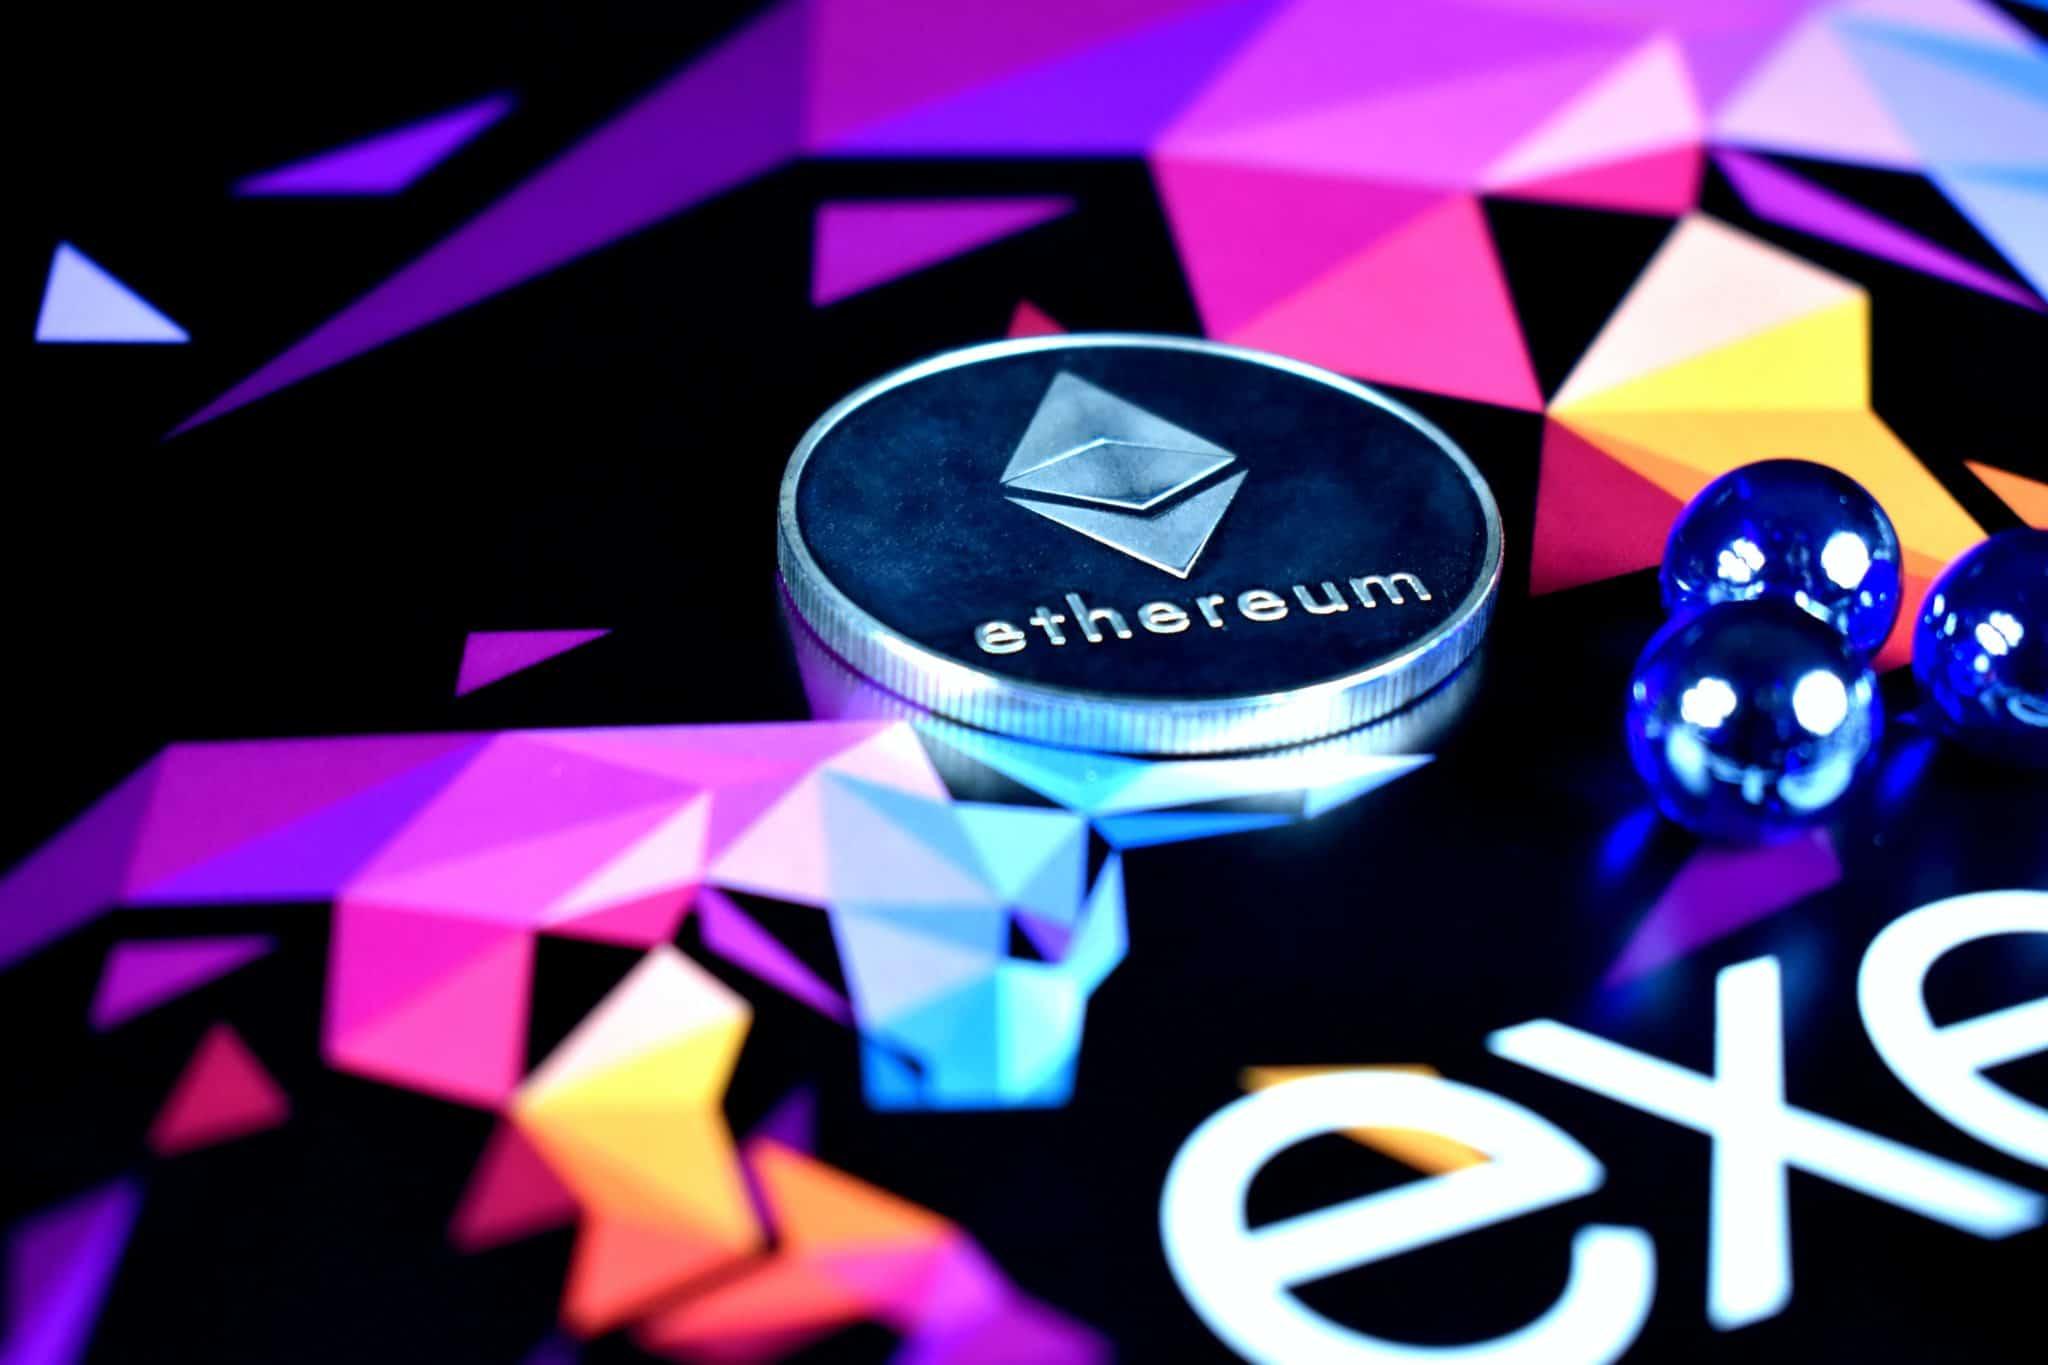 De nombreux indicateurs sur le réseau suggèrent que le prix de l'Ethereum est sur le point de connaitre une nouvelle hausse comme enregistrée fin 2017, soit jusqu'à 1 400 dollars.